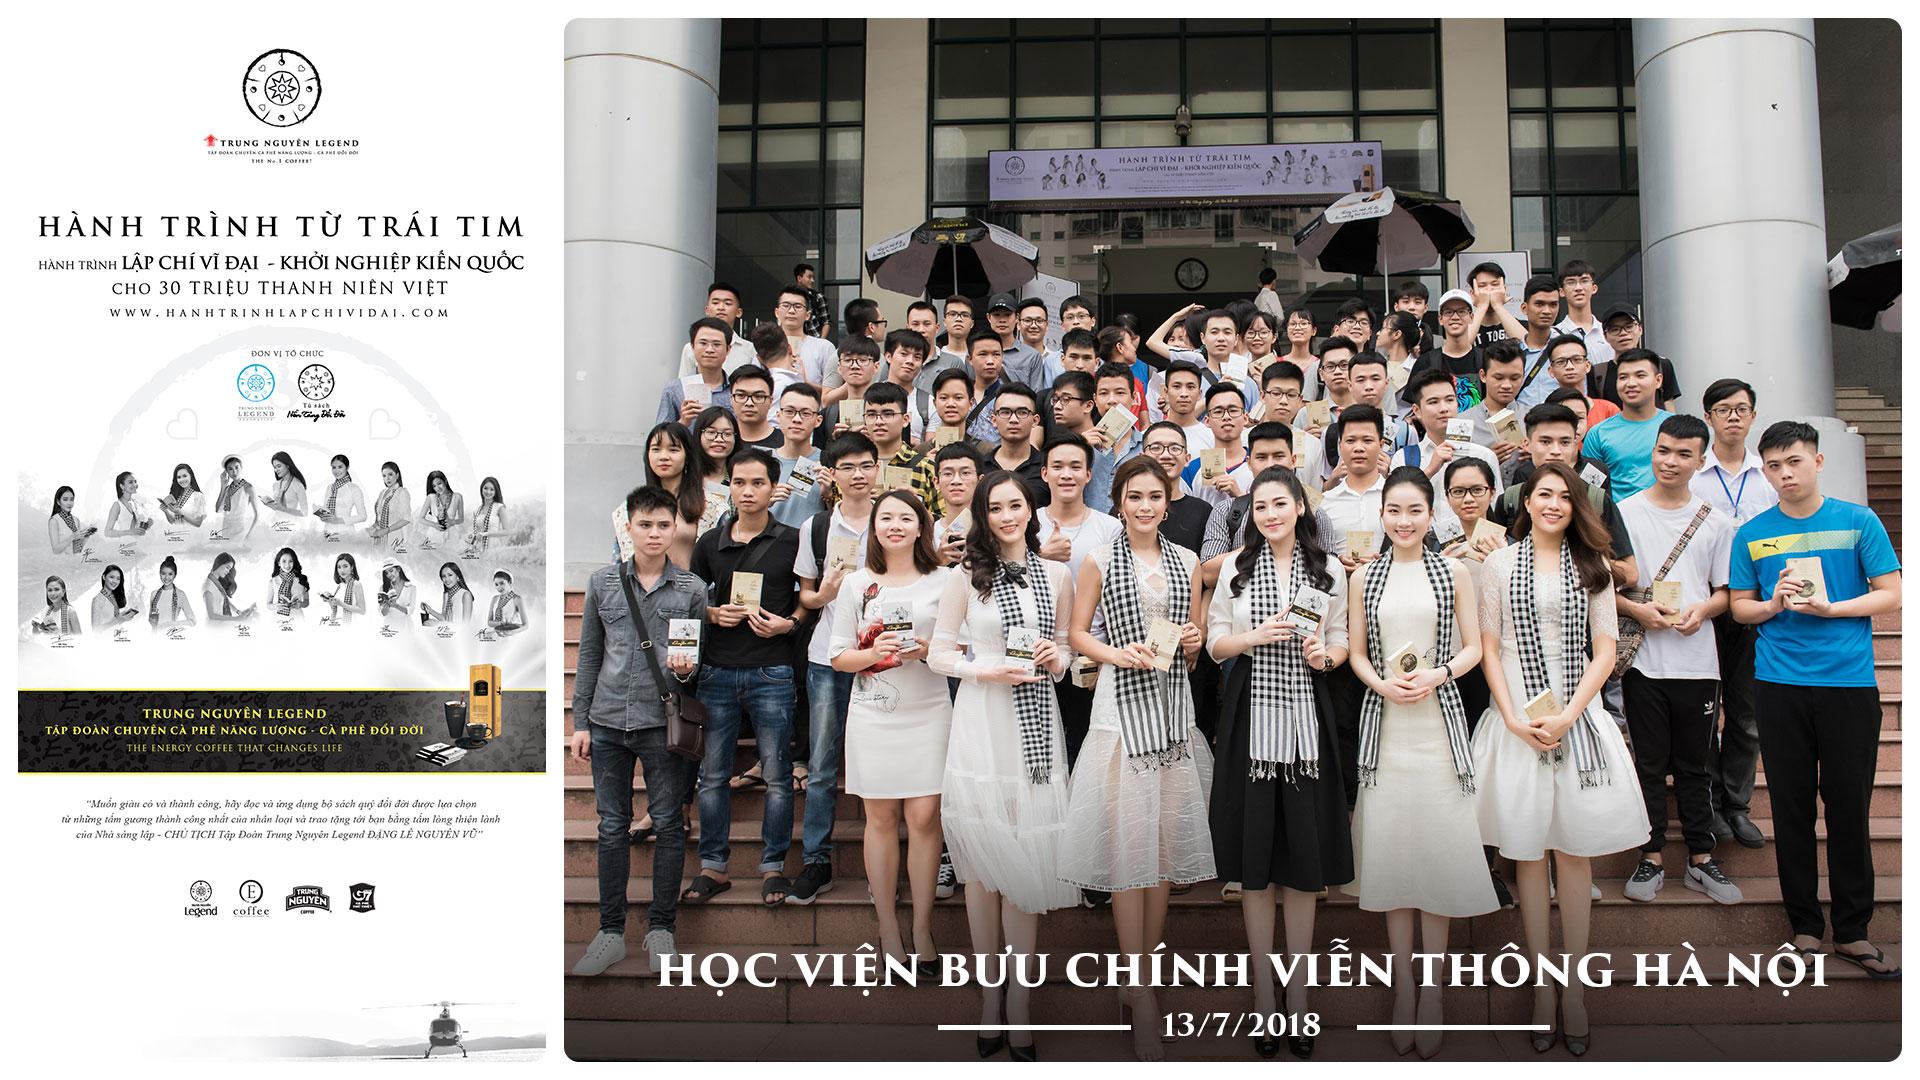 Nhật ký Hành Trình Từ Trái Tim – Ngày 13 – Hà Nội